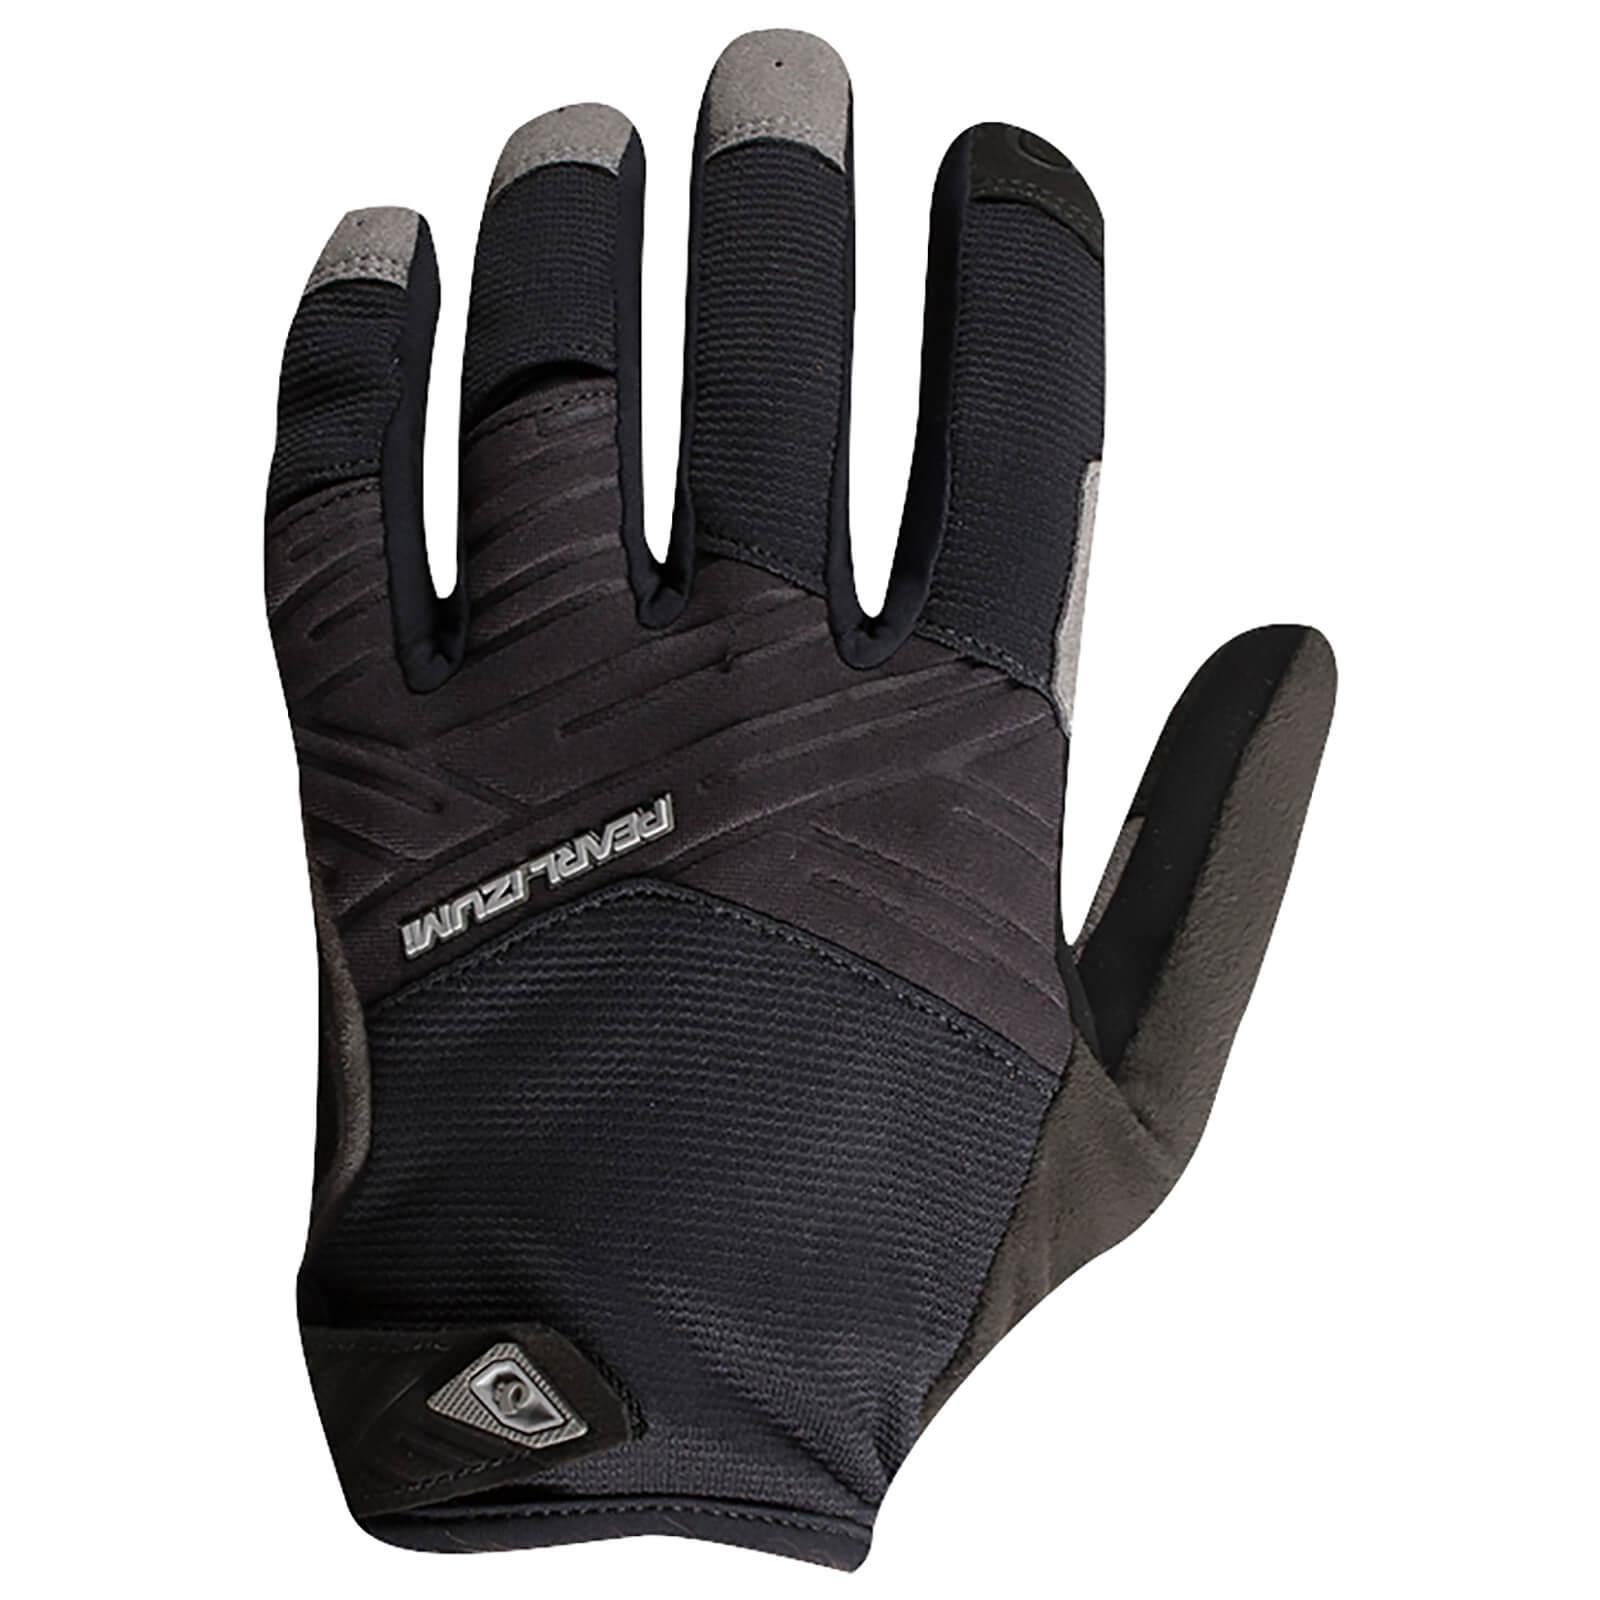 Pearl Izumi Summit Gloves - L - Black